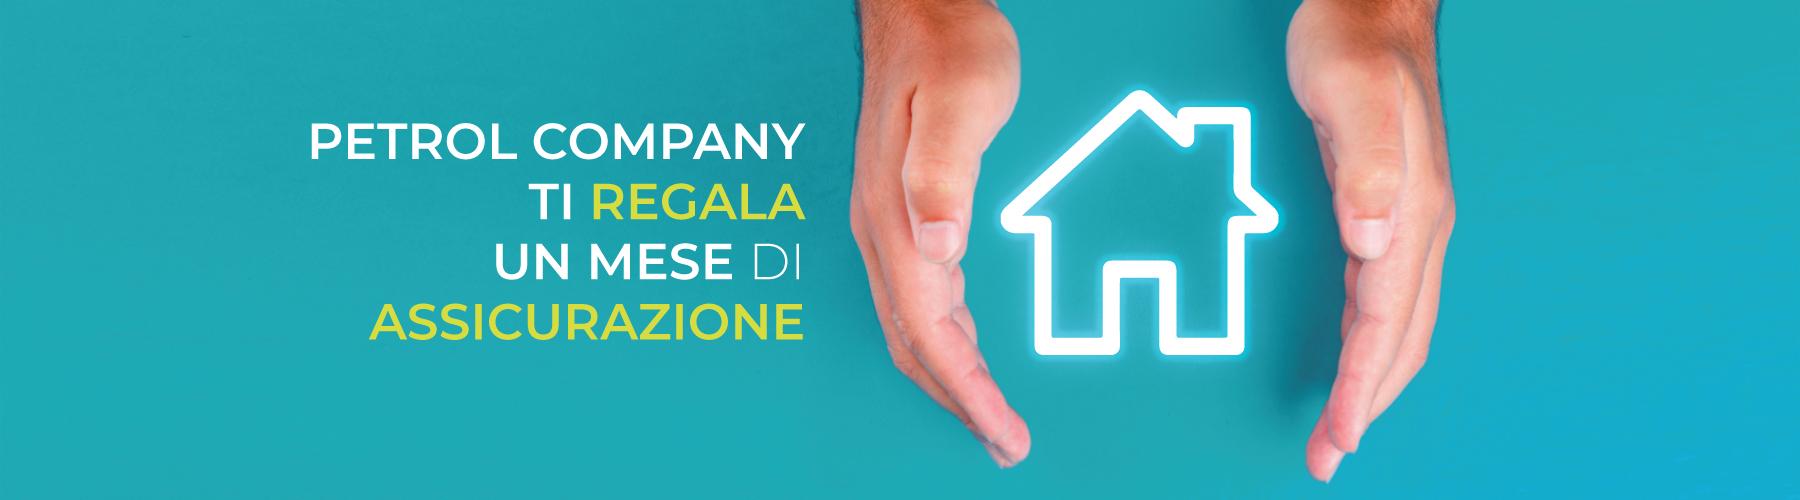 Promo Allianz